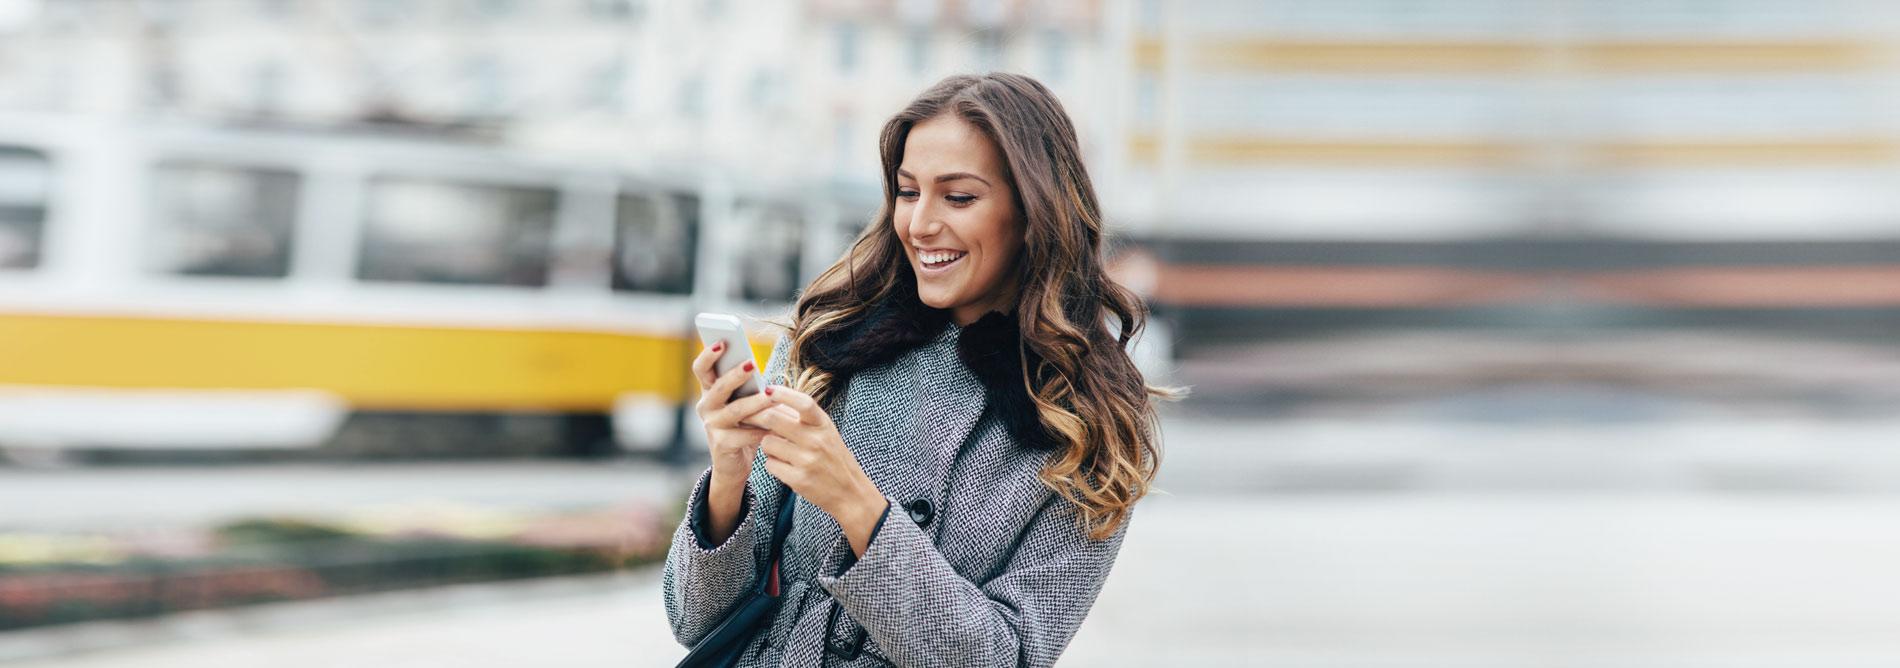 Jetzt registrieren! Mit nur einer App in ganz Deutschland HandyTickets für den ÖPNV kaufen.